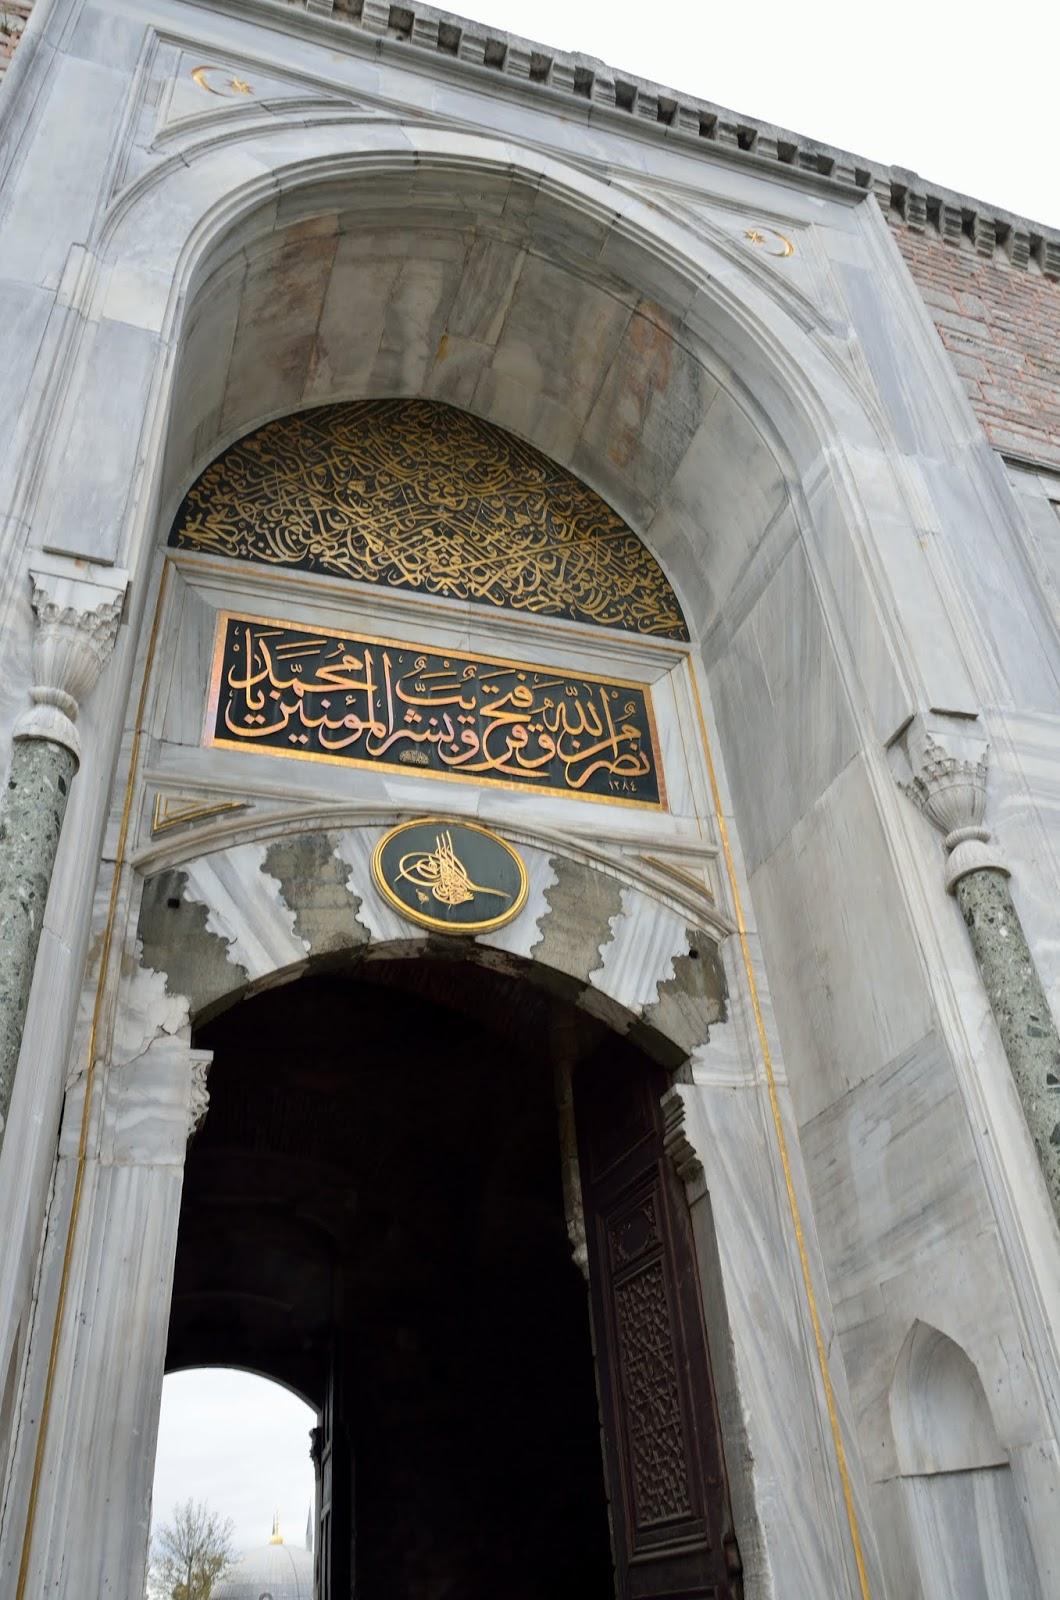 Viaggio a istanbul tredicesimo giorno istanbul giorno - Sostegno della porta ...